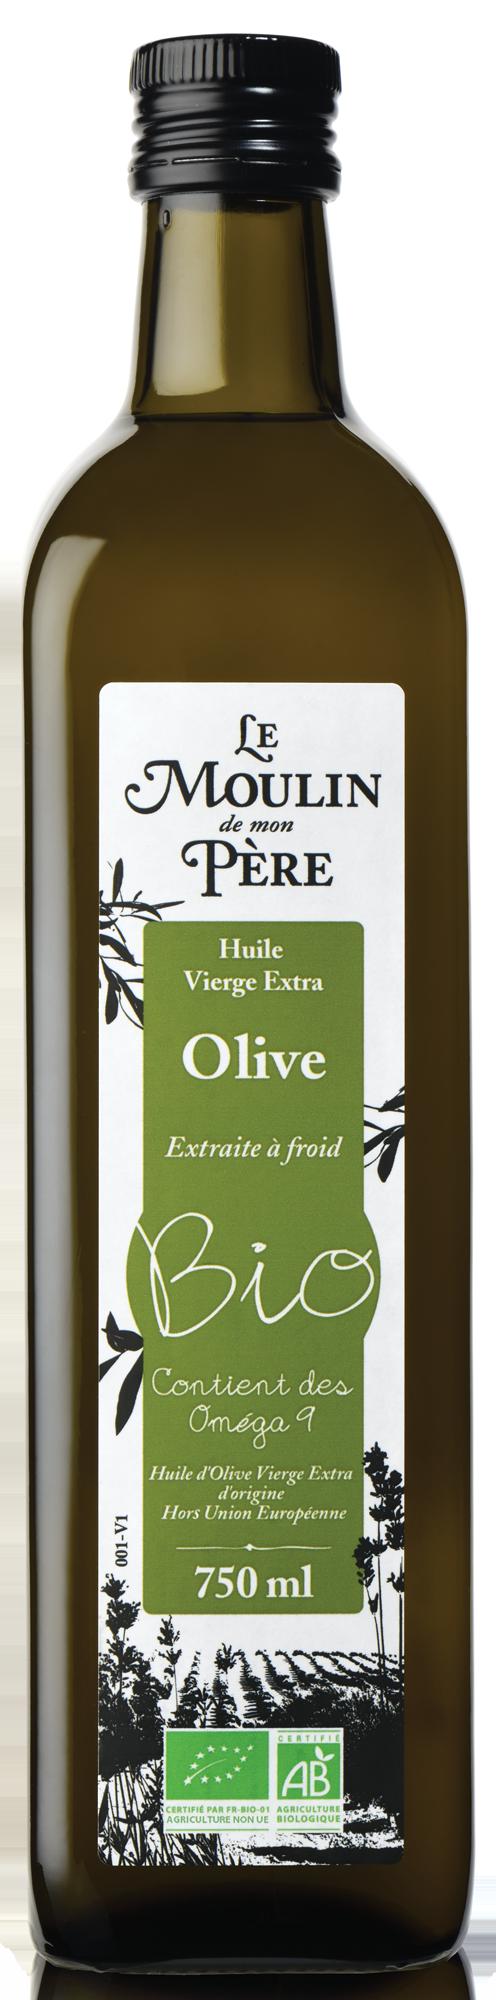 Moulin de mon pere huile olive bio 750ml